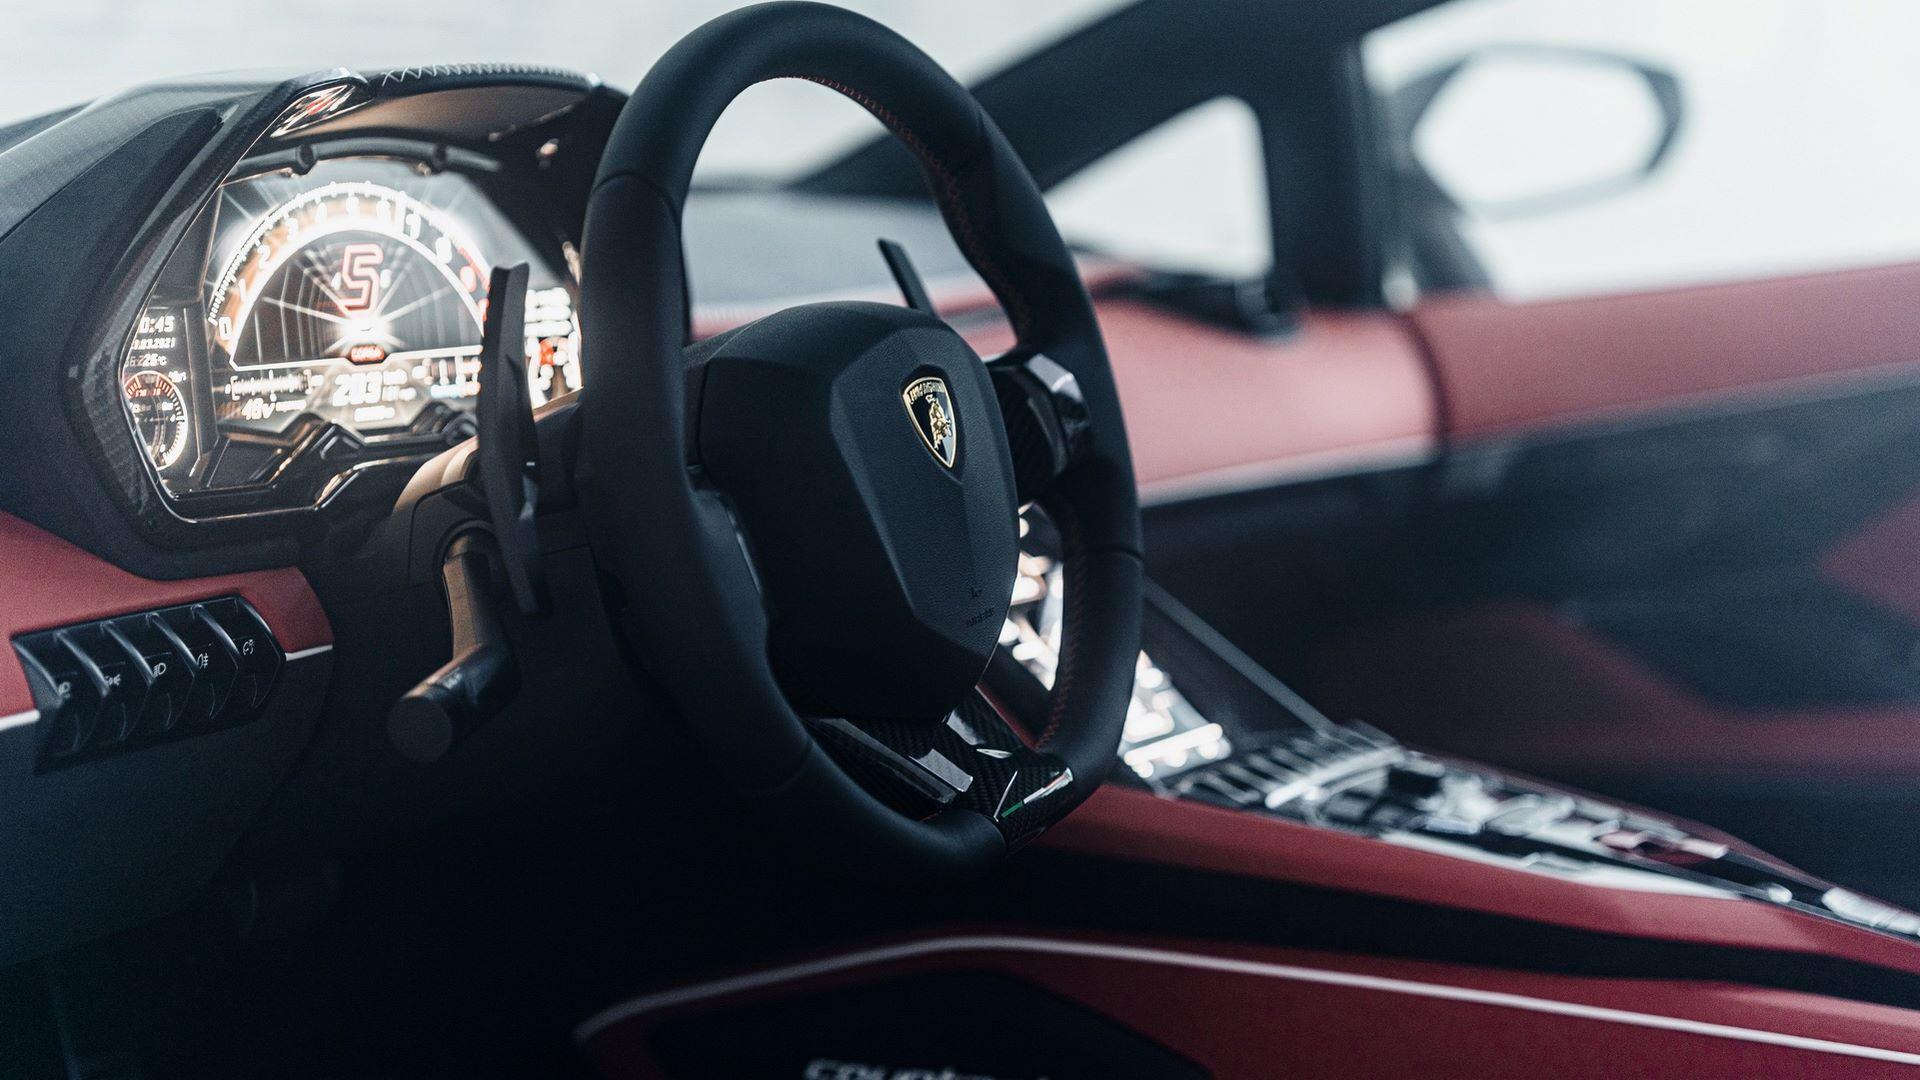 Lamborghini-Countach-LPI-800-4-96